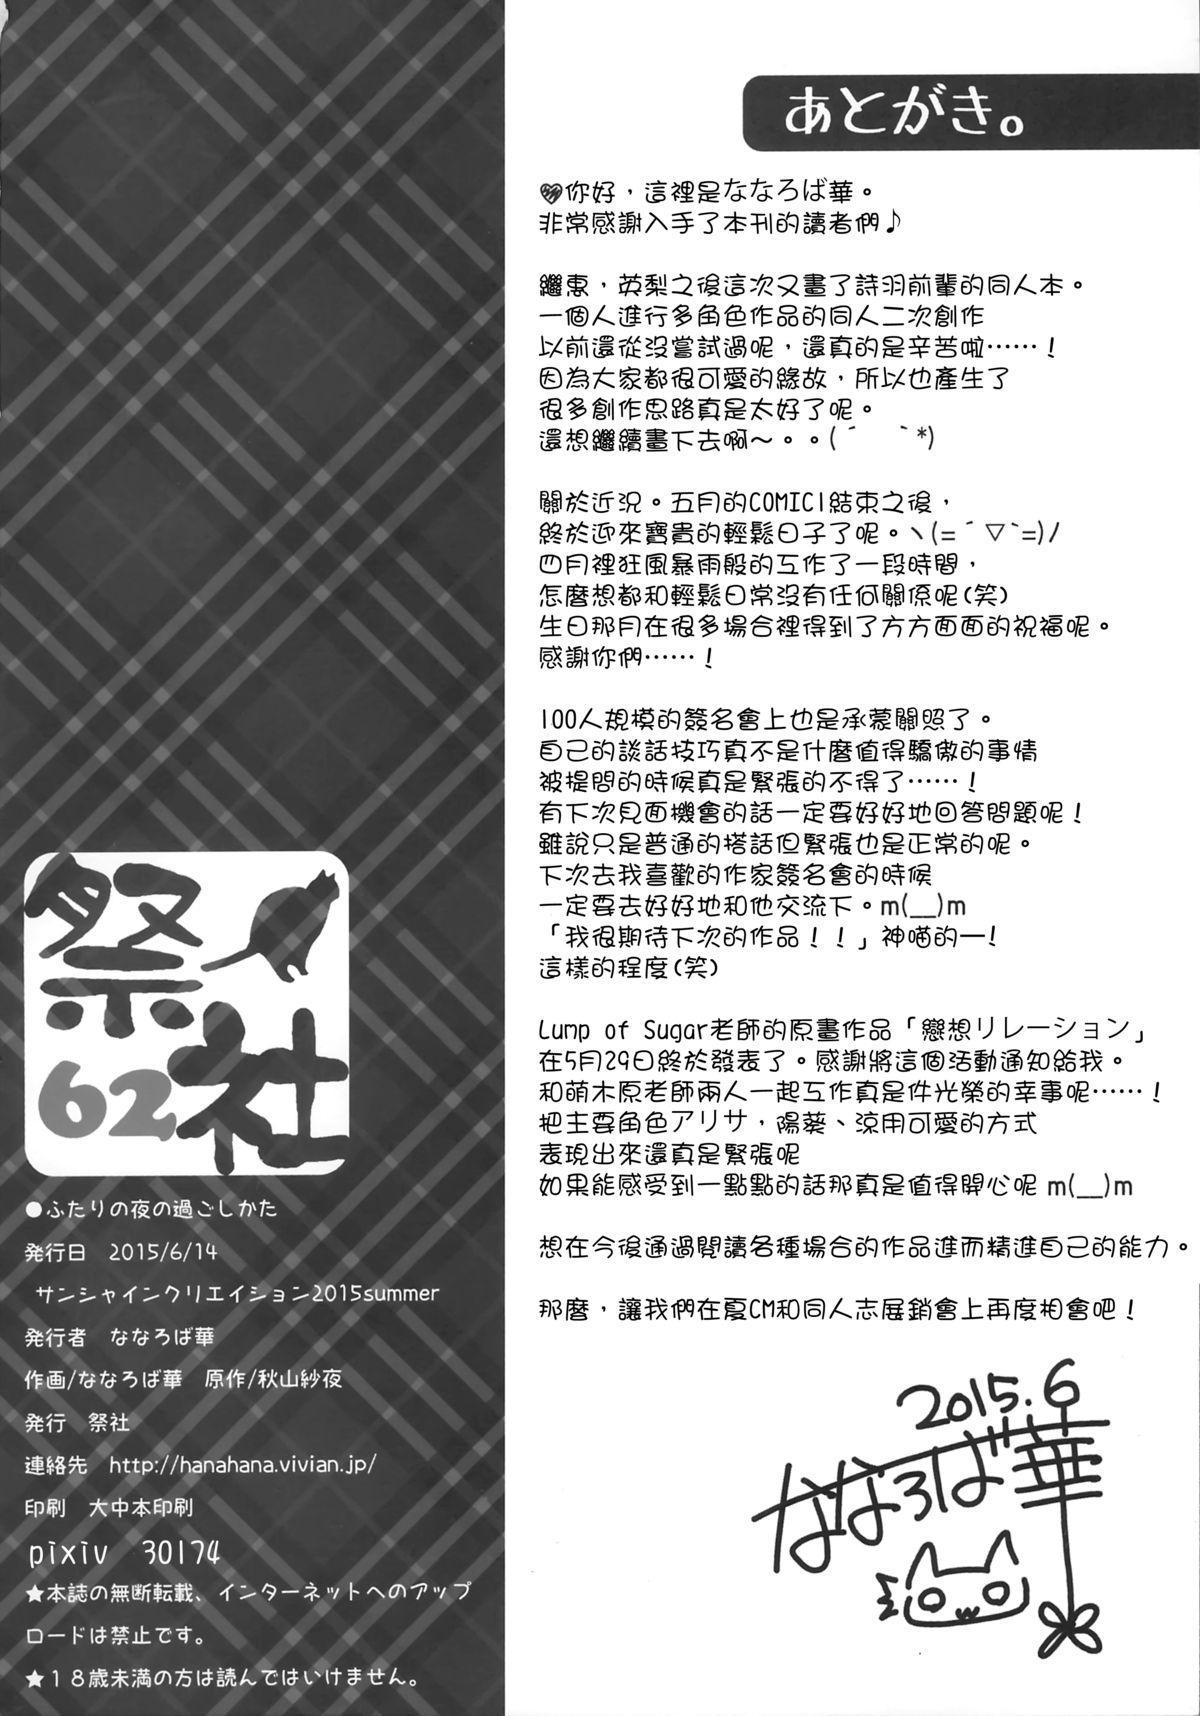 Futari no Yoru no Sugoshikata 22